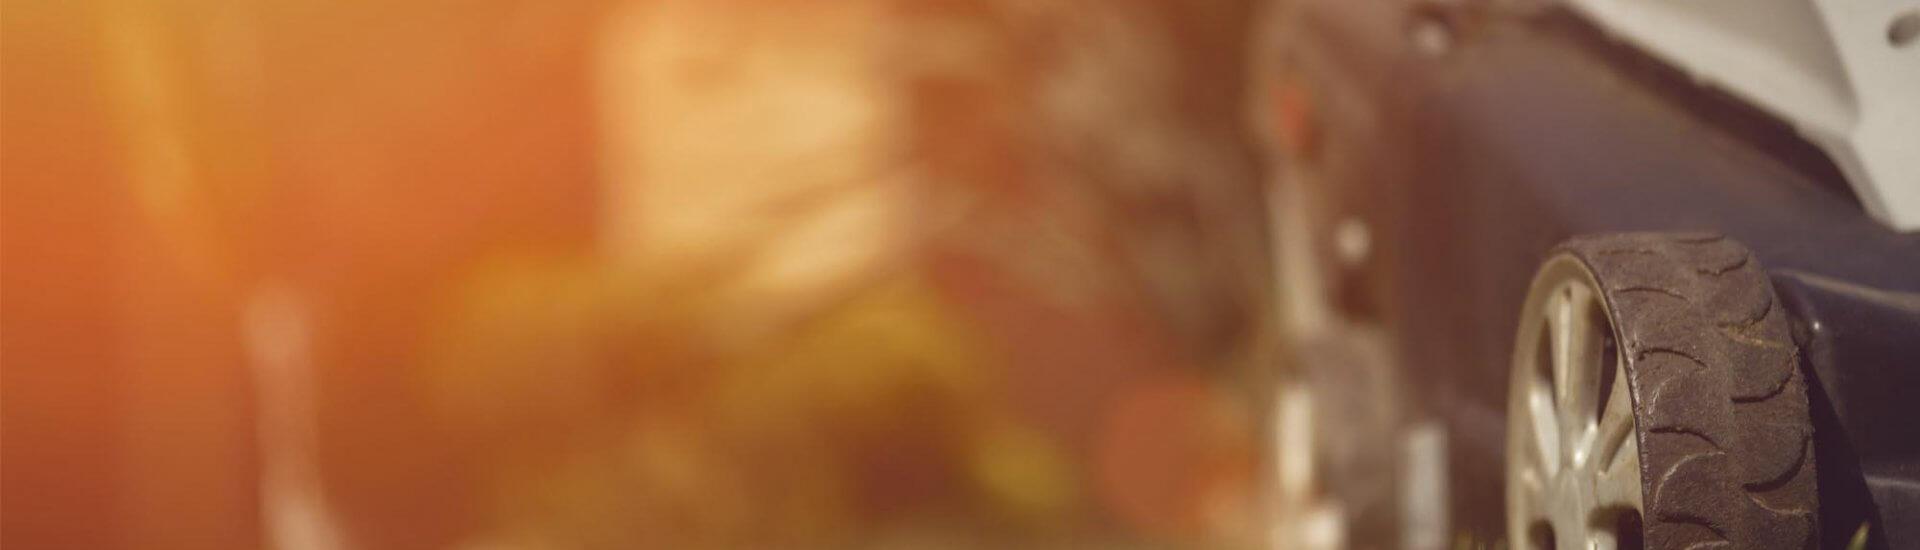 Wolf Rasenmäher: Vergleich, Empfehlung & vieles mehr